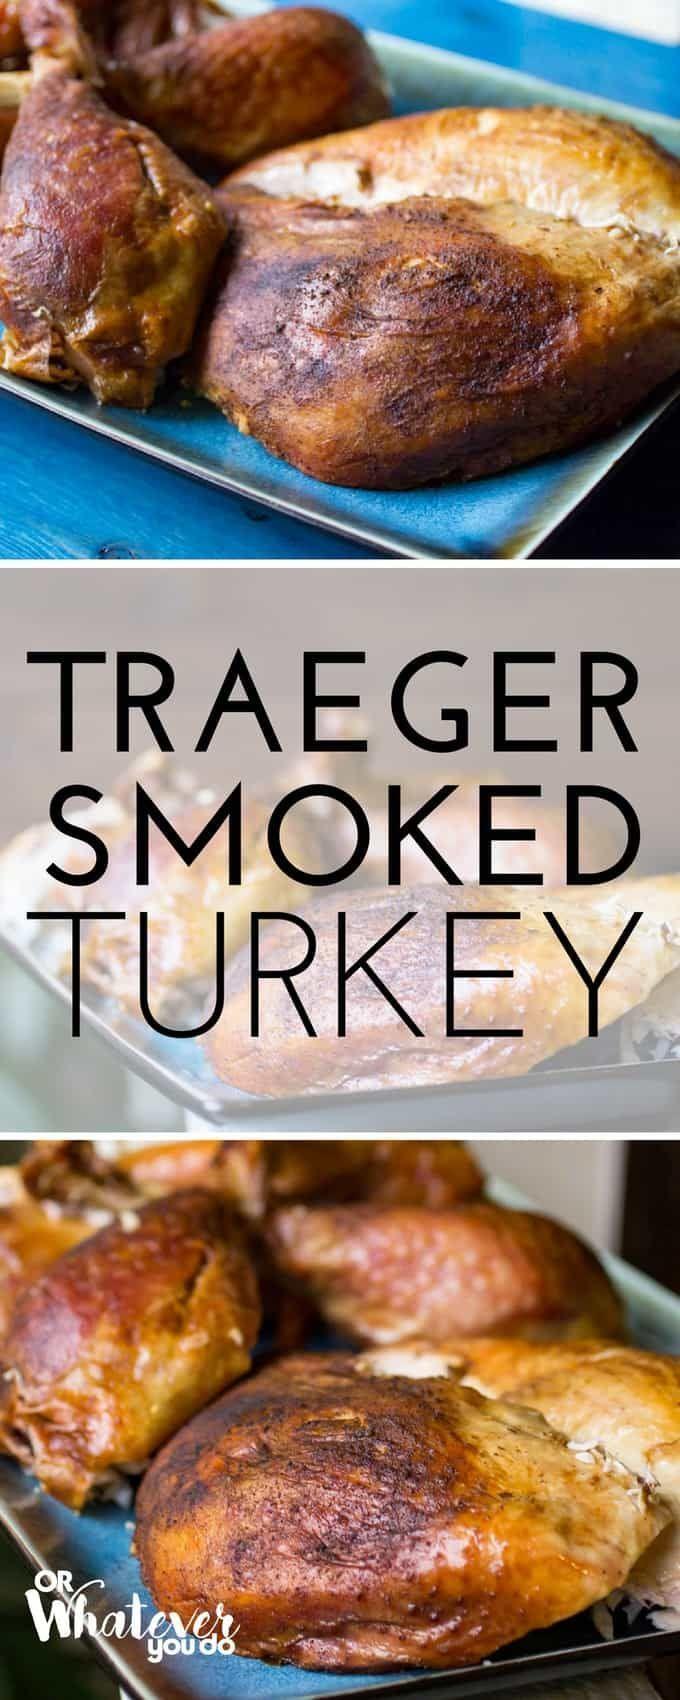 #buzzfeedfood #cookinglight #foodblogeats #foodbloggeed #foodblogger